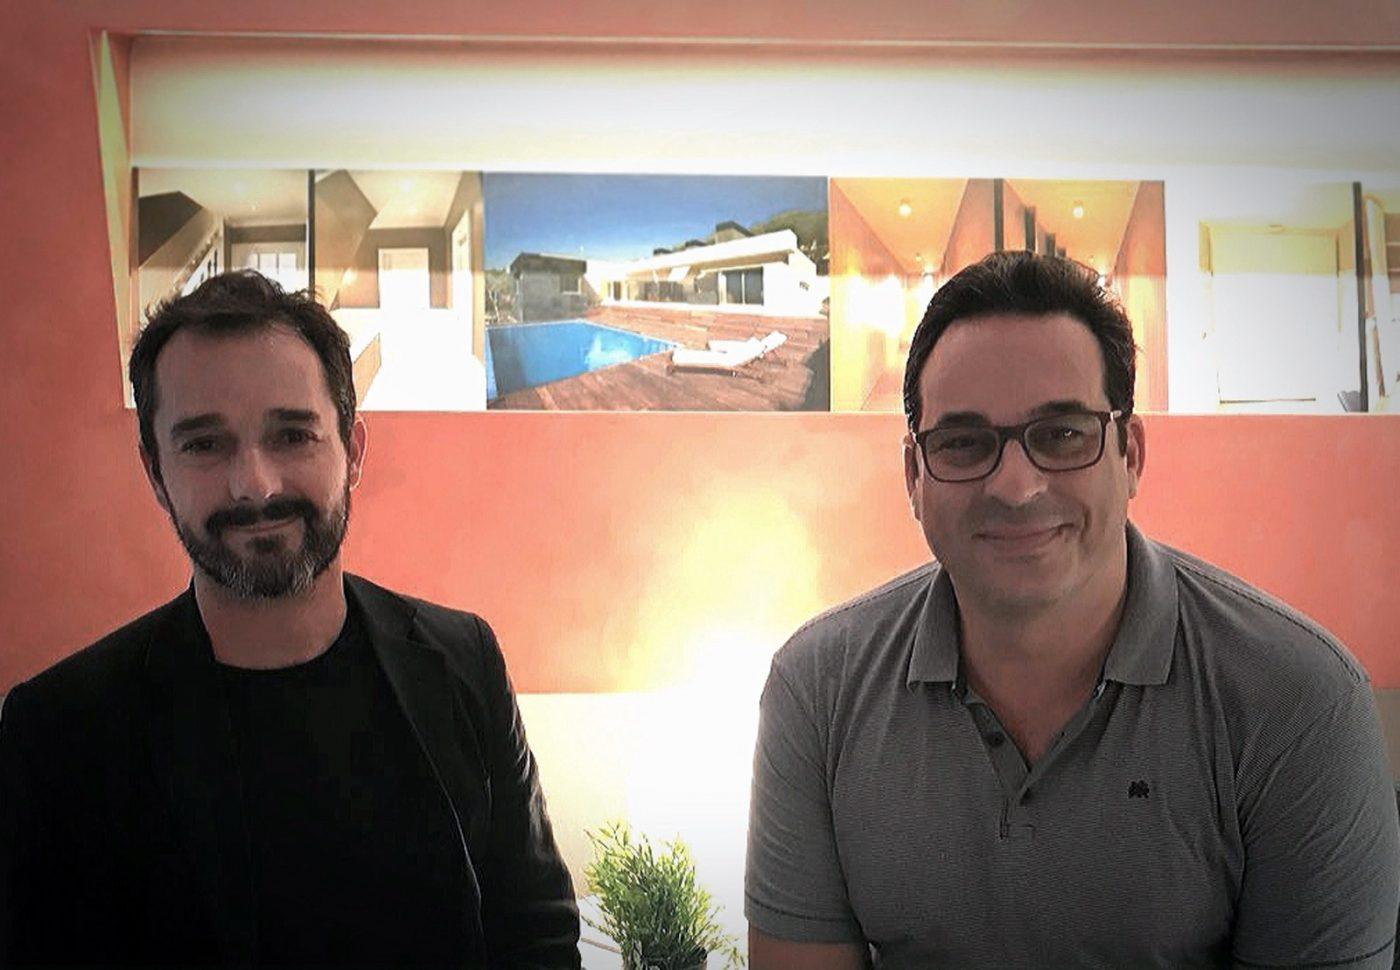 Acuerdo de colaboración entre ARQUIMA y el arquitecto y geobiólogo Pere León